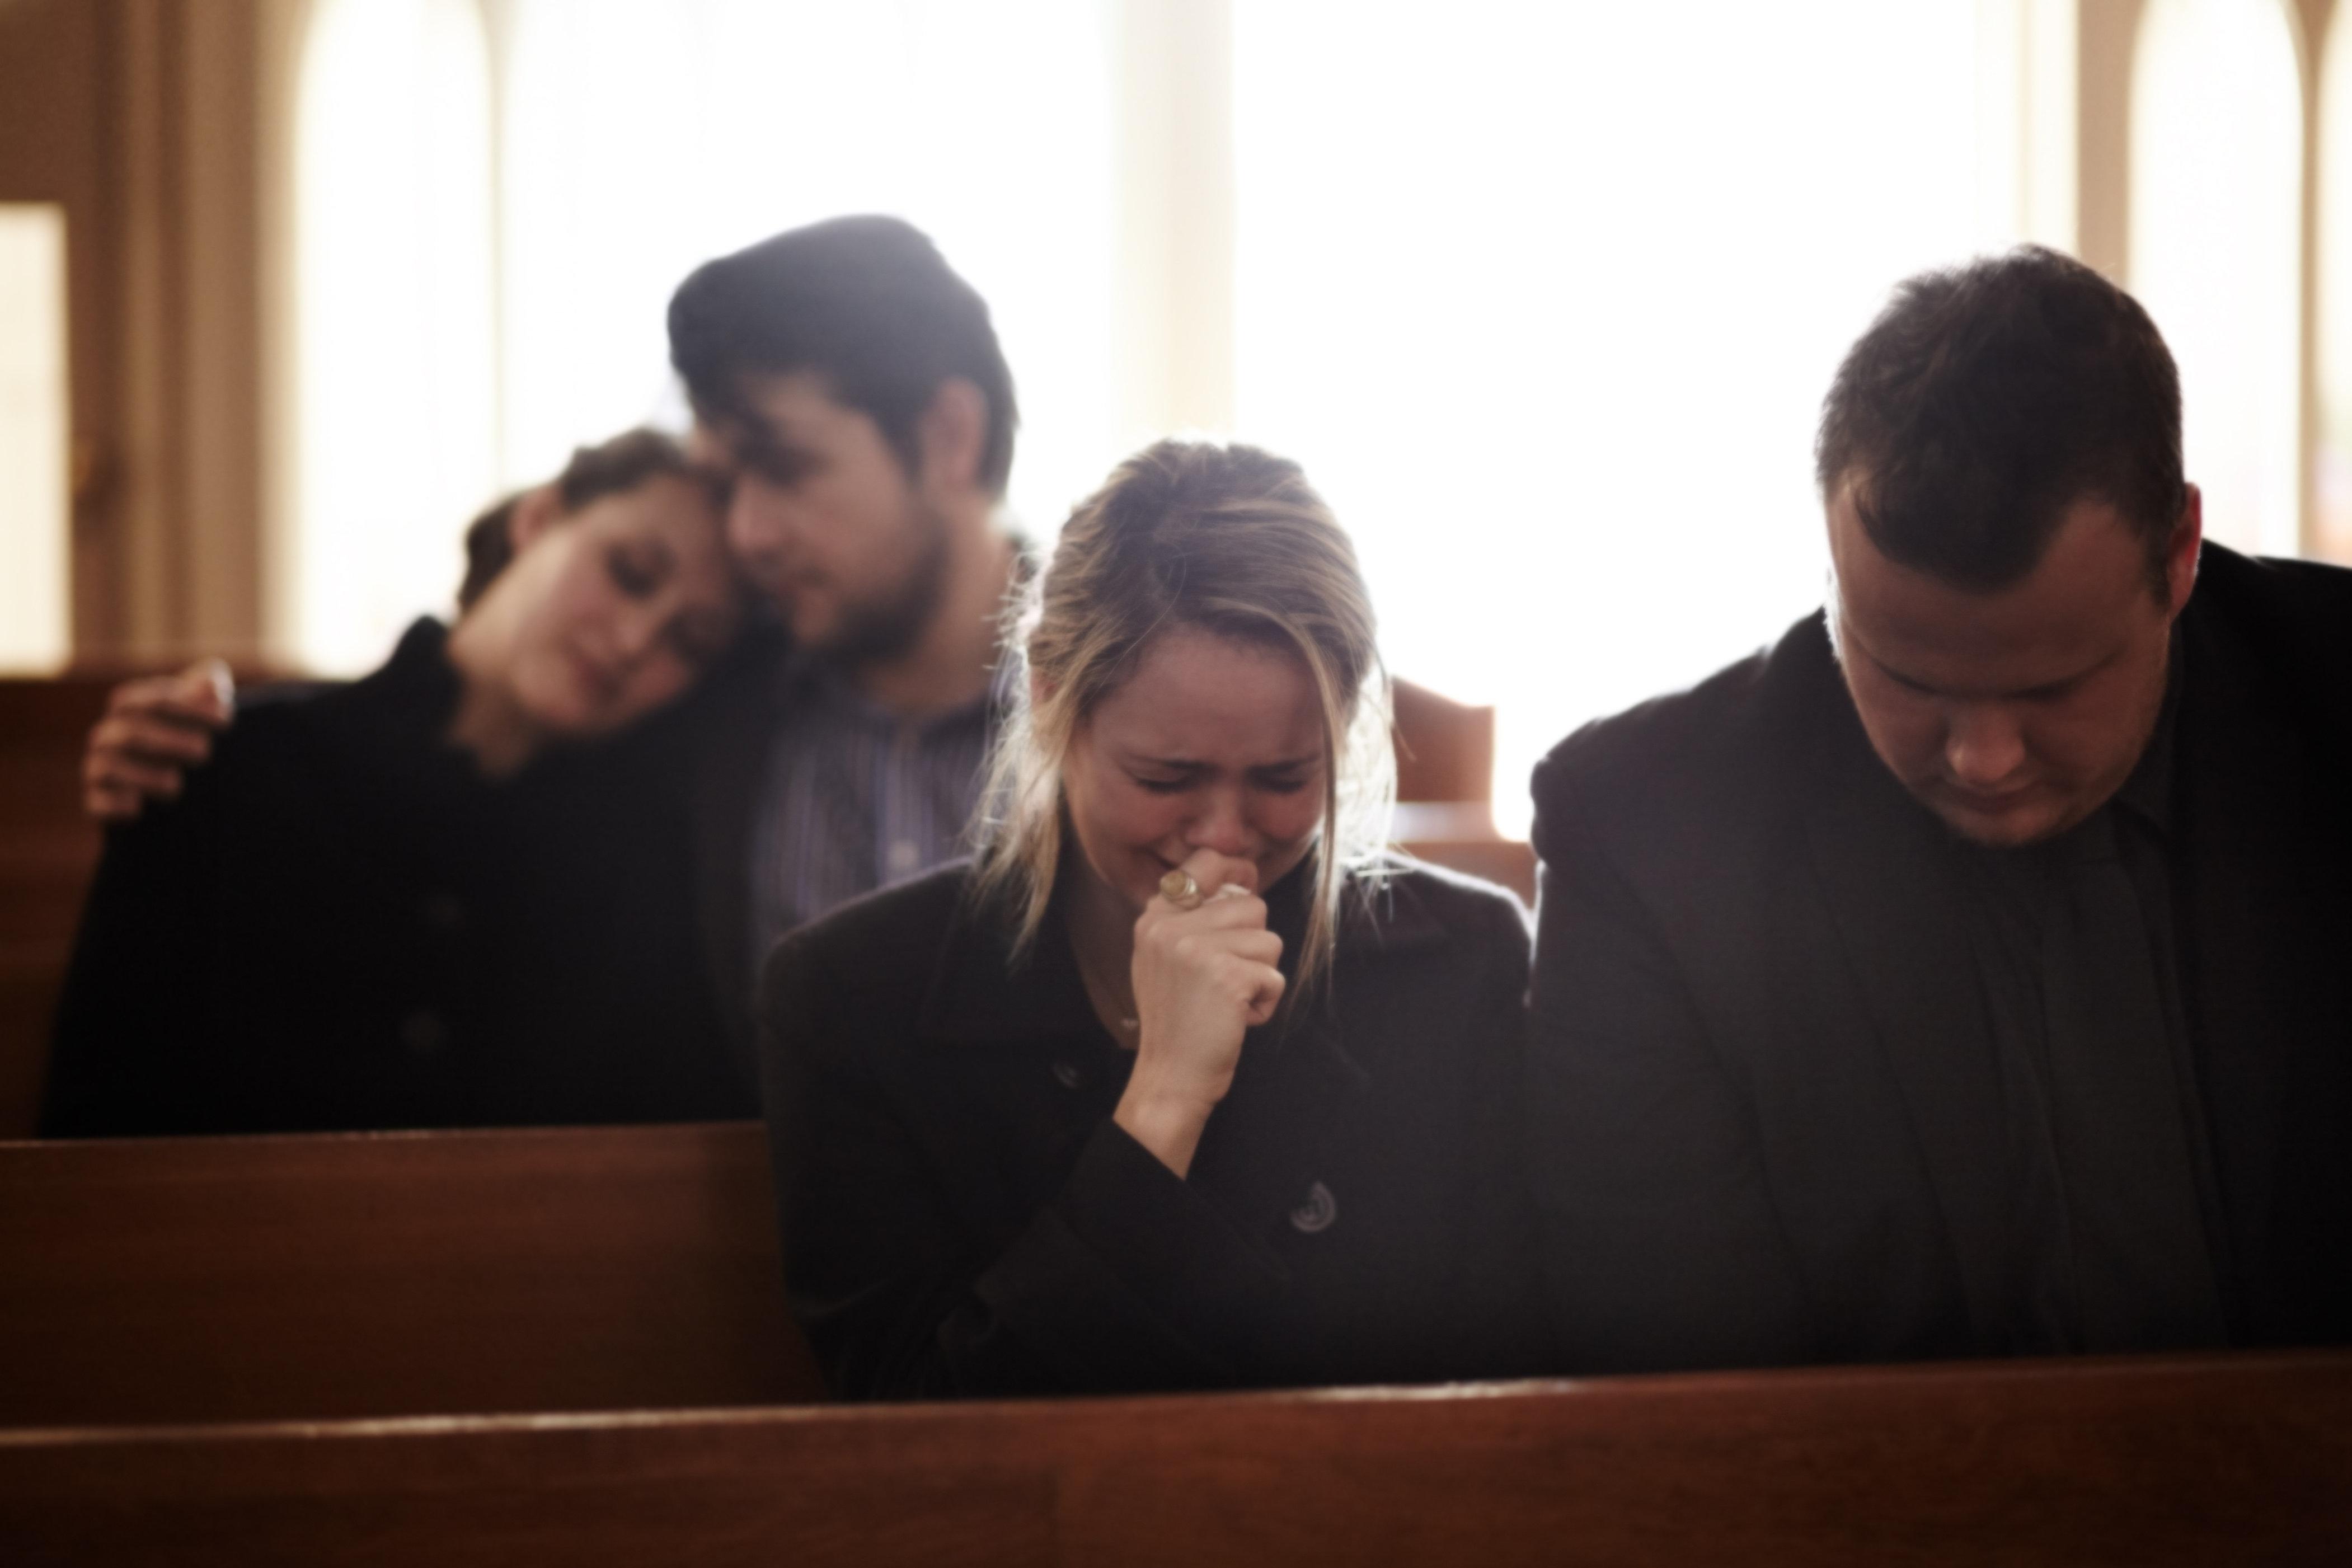 Familie plant Beerdigung des Sohnes – dann bemerkt die Polizei einen